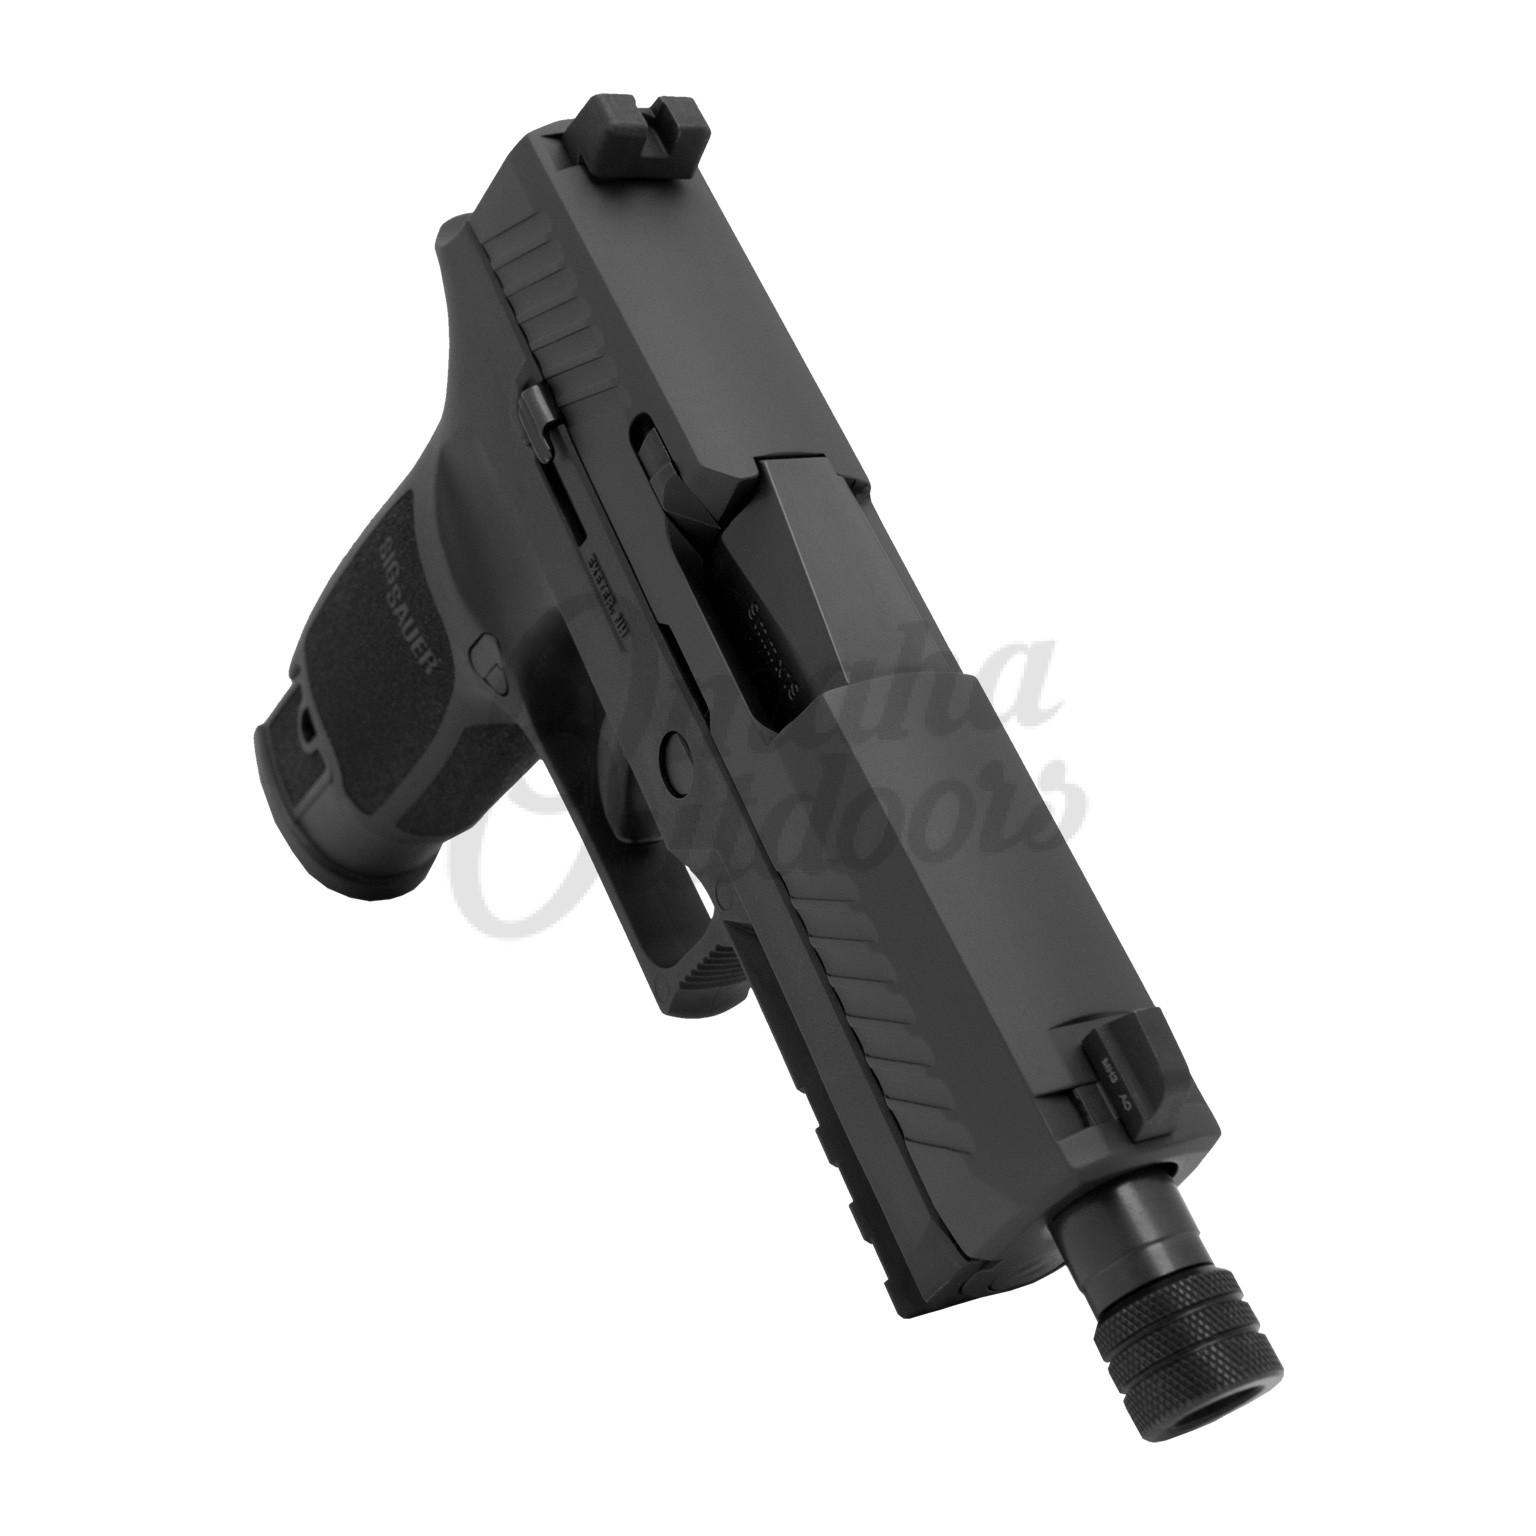 Sig Sauer P320 Carry Tacops Pistol 9mm 21 RD Night Sights Threaded Barrel  320CA-9-TACOPS-TB